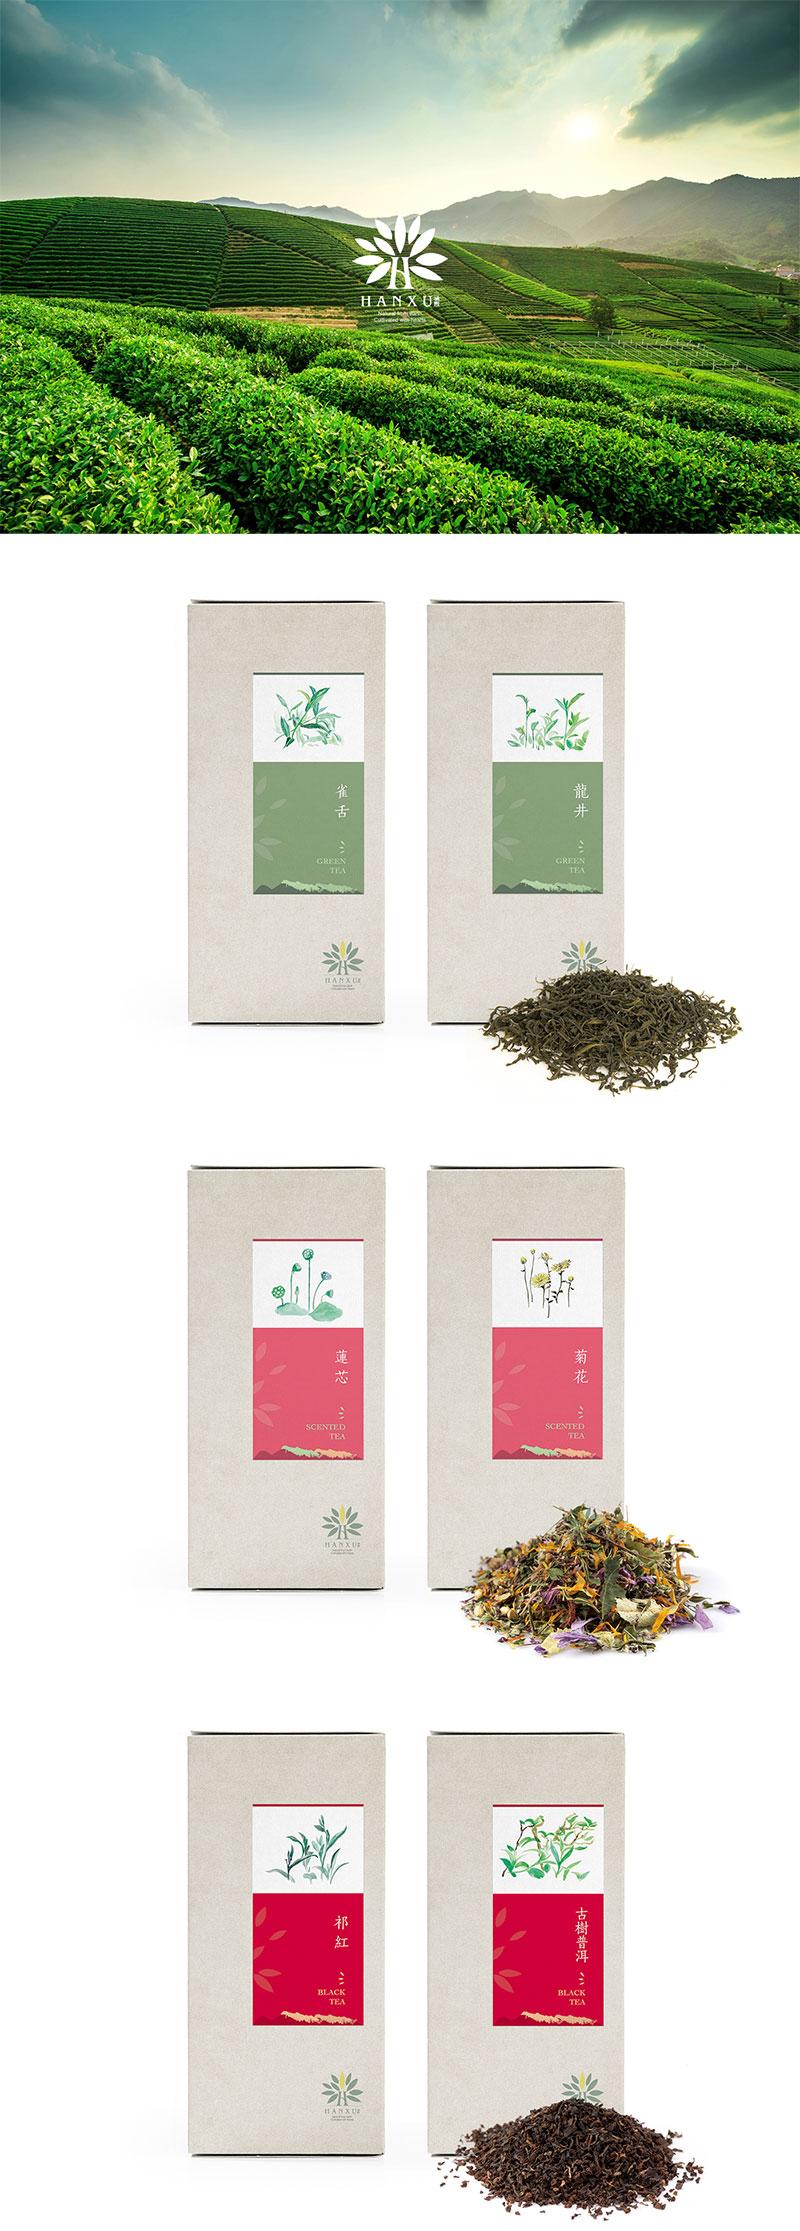 HANXU TEA packaging by Kelvin Qu